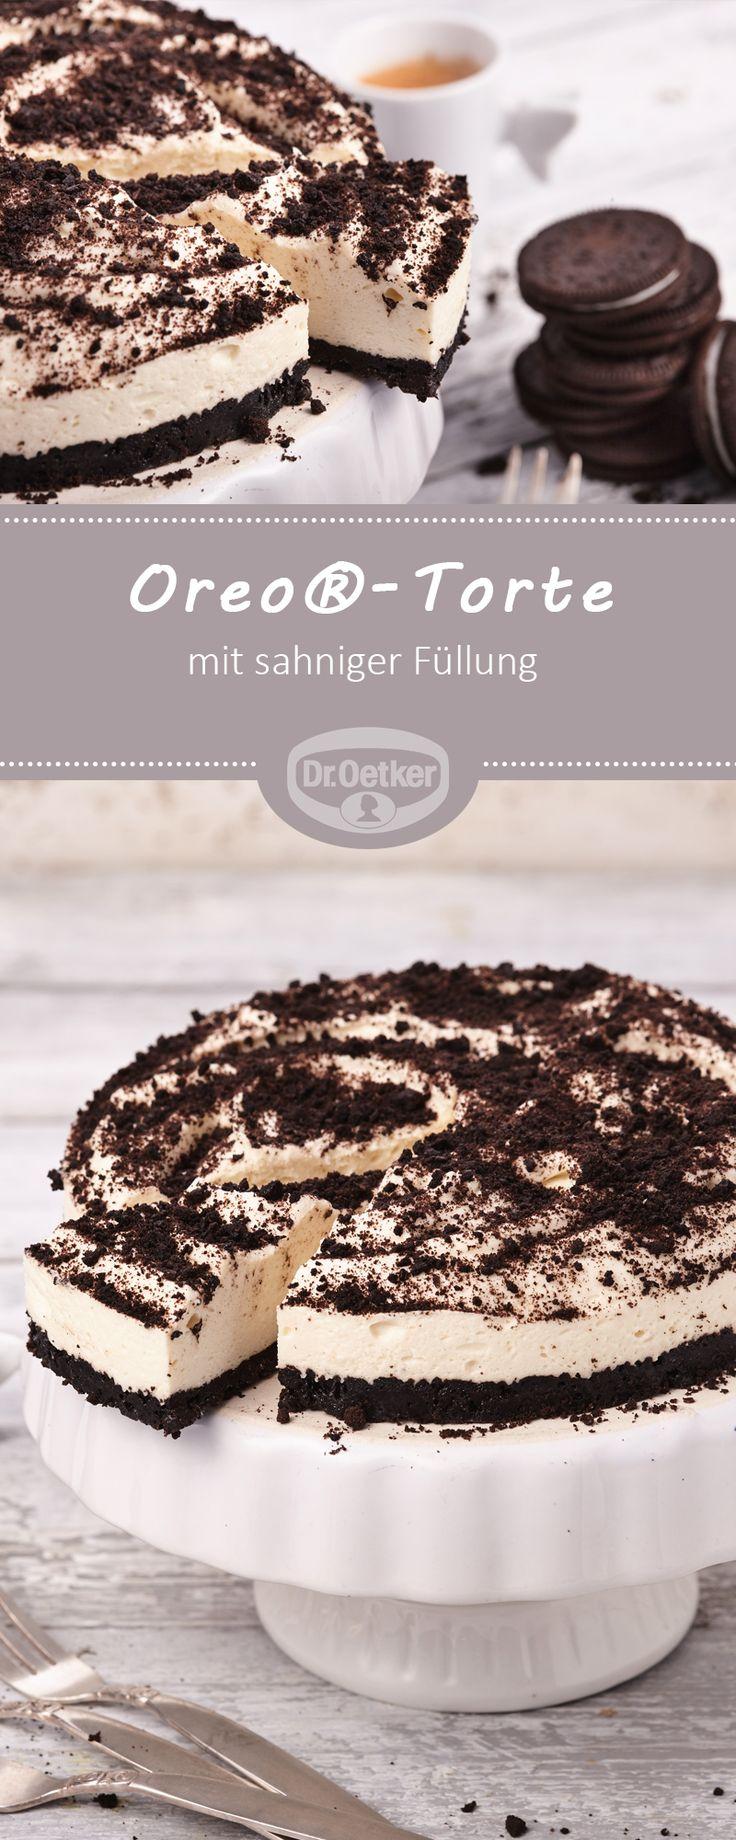 Oreo®-Torte - Für alle Oreo®-Fans eine köstliche Kombination aus knusprigen Oreos® und sahniger Füllung - ohne Backen #rezept #lecker #torte